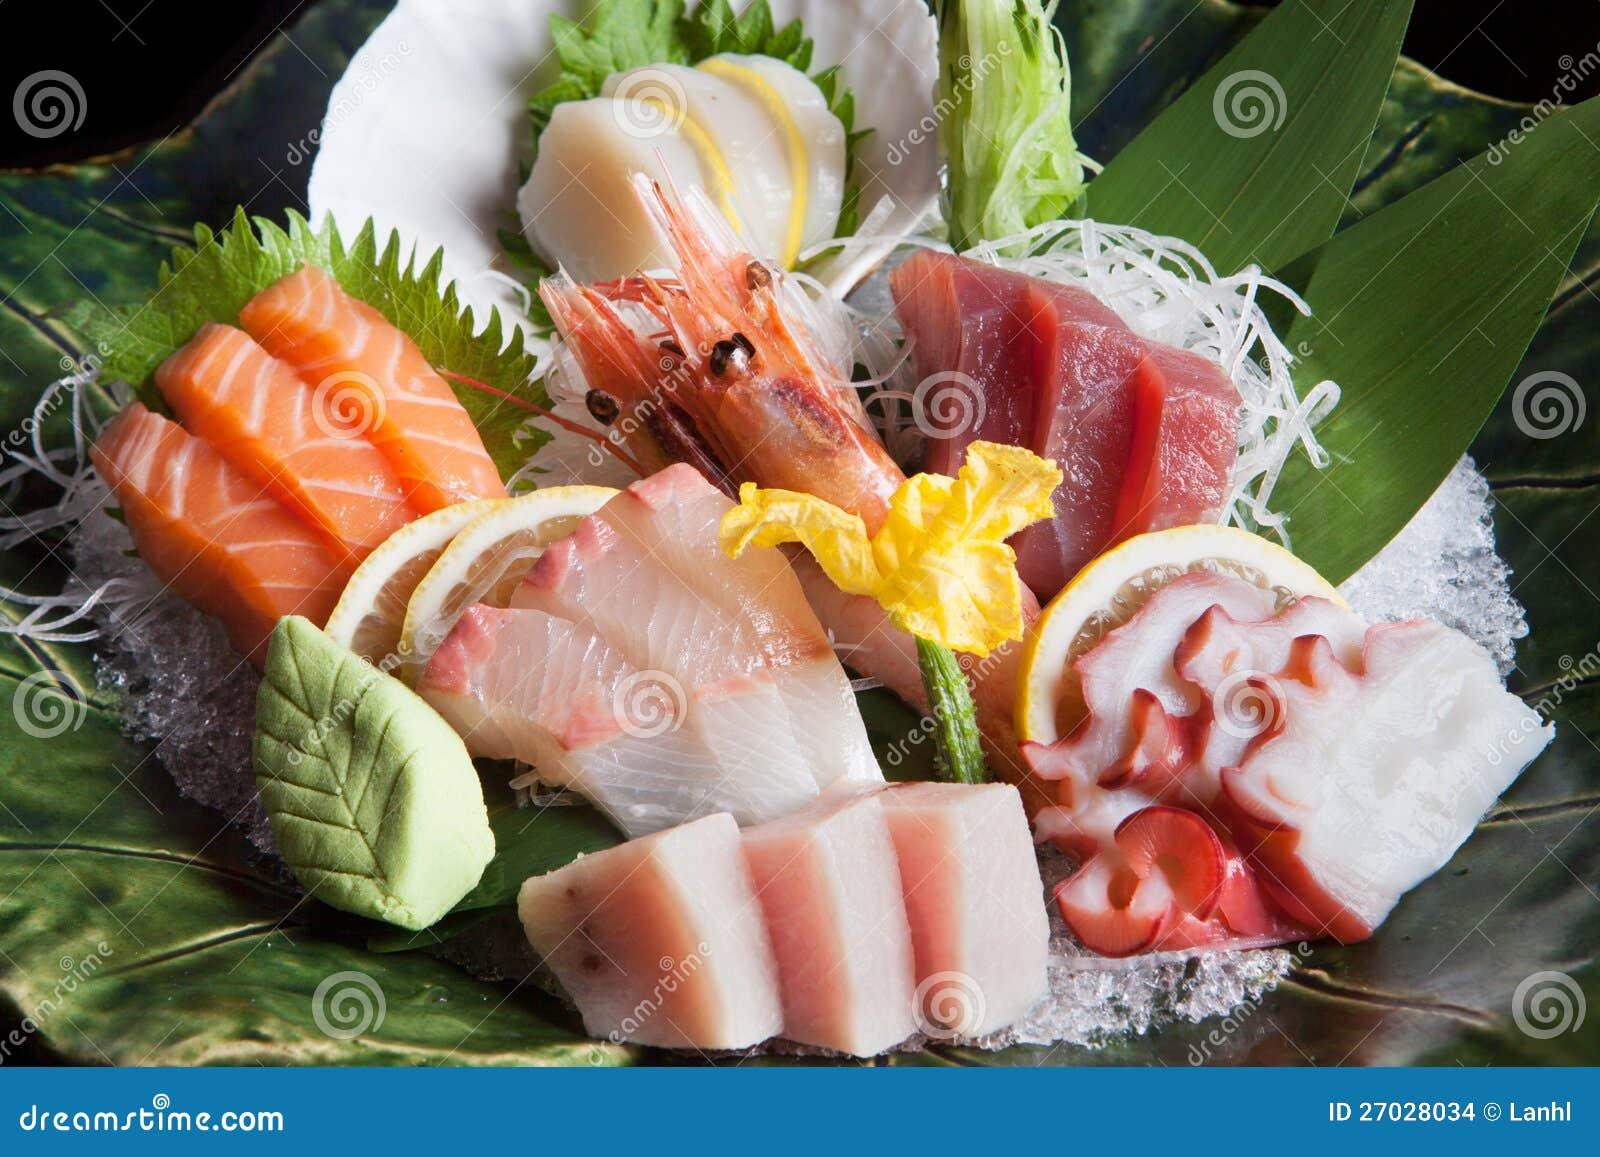 Champ de cablage à couches multiples de sashimi